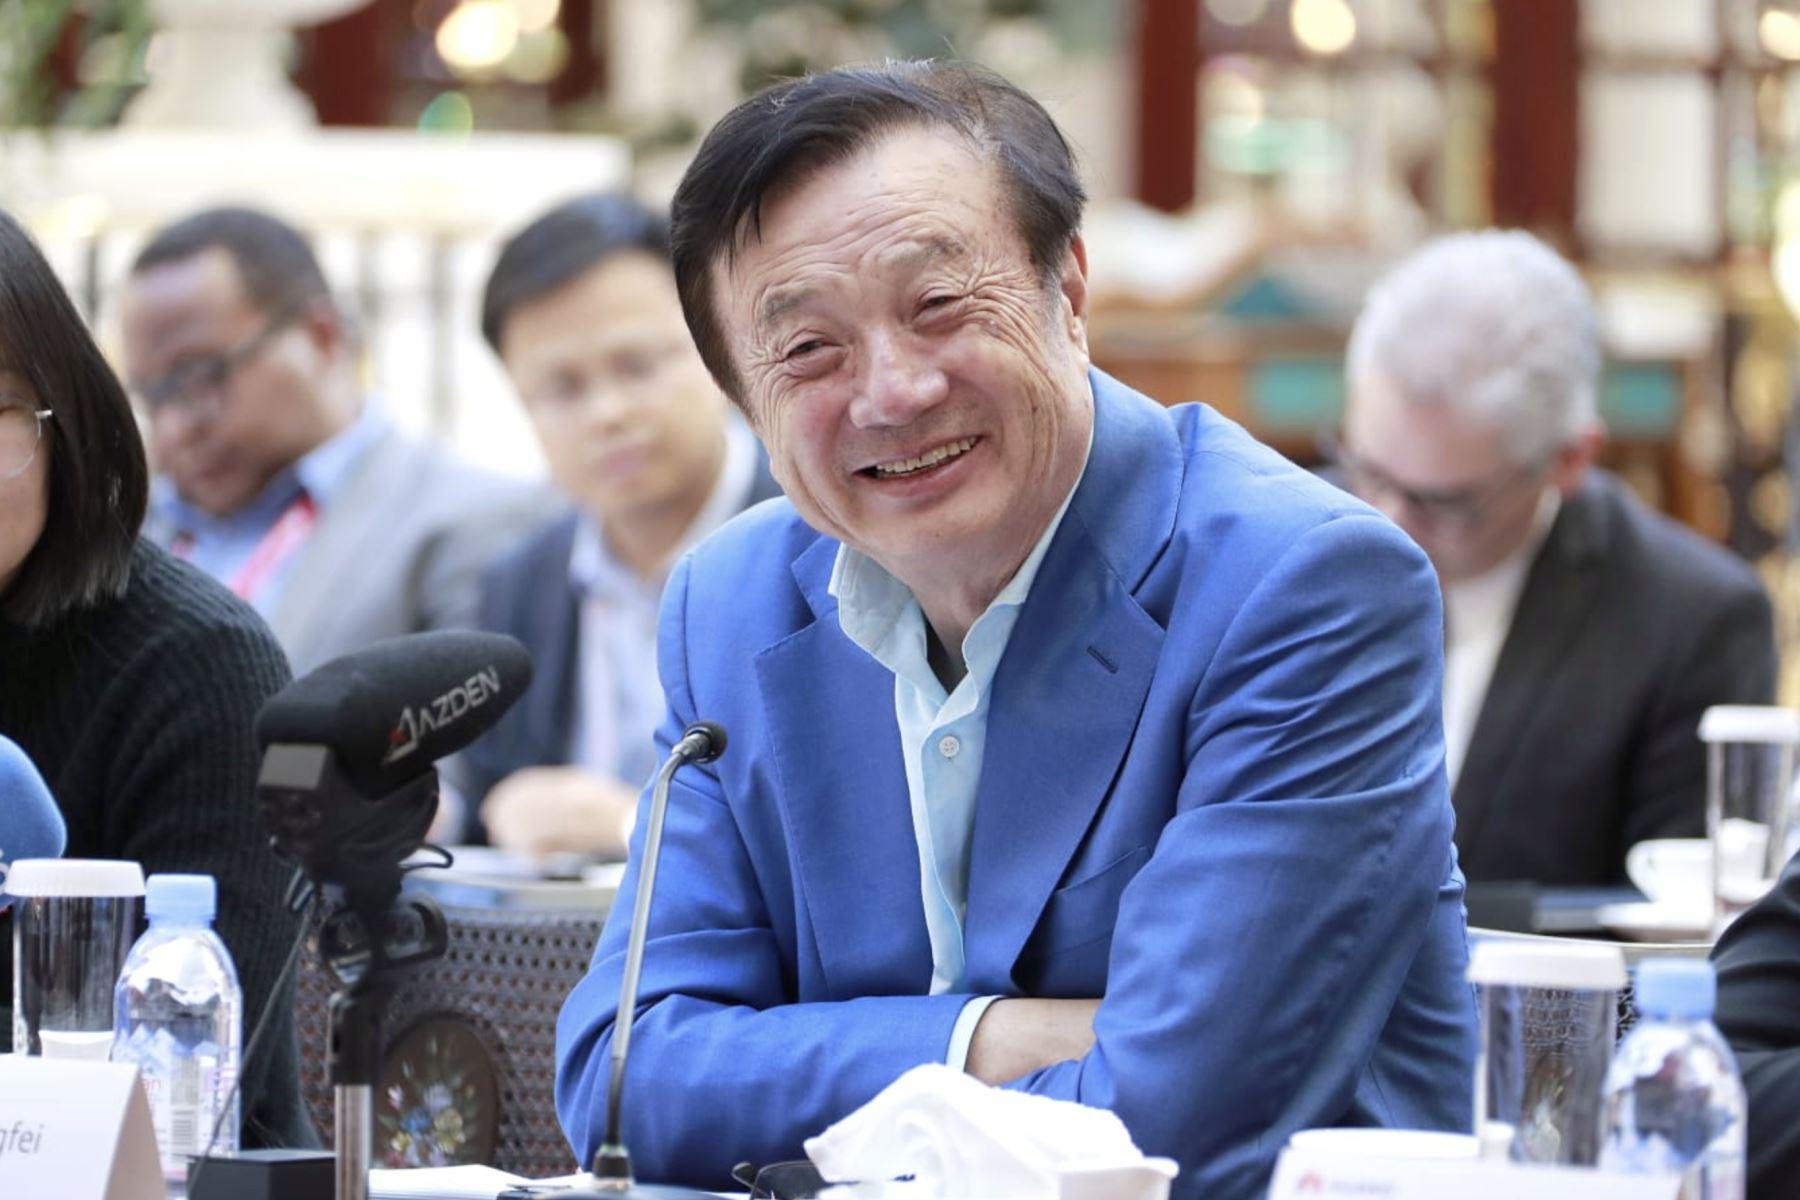 Conferencia de prensa  del fundador y CEO del gigante multinacional Huawei, Ren Zhengfei en Shenzhen, China. Foto: Difusión